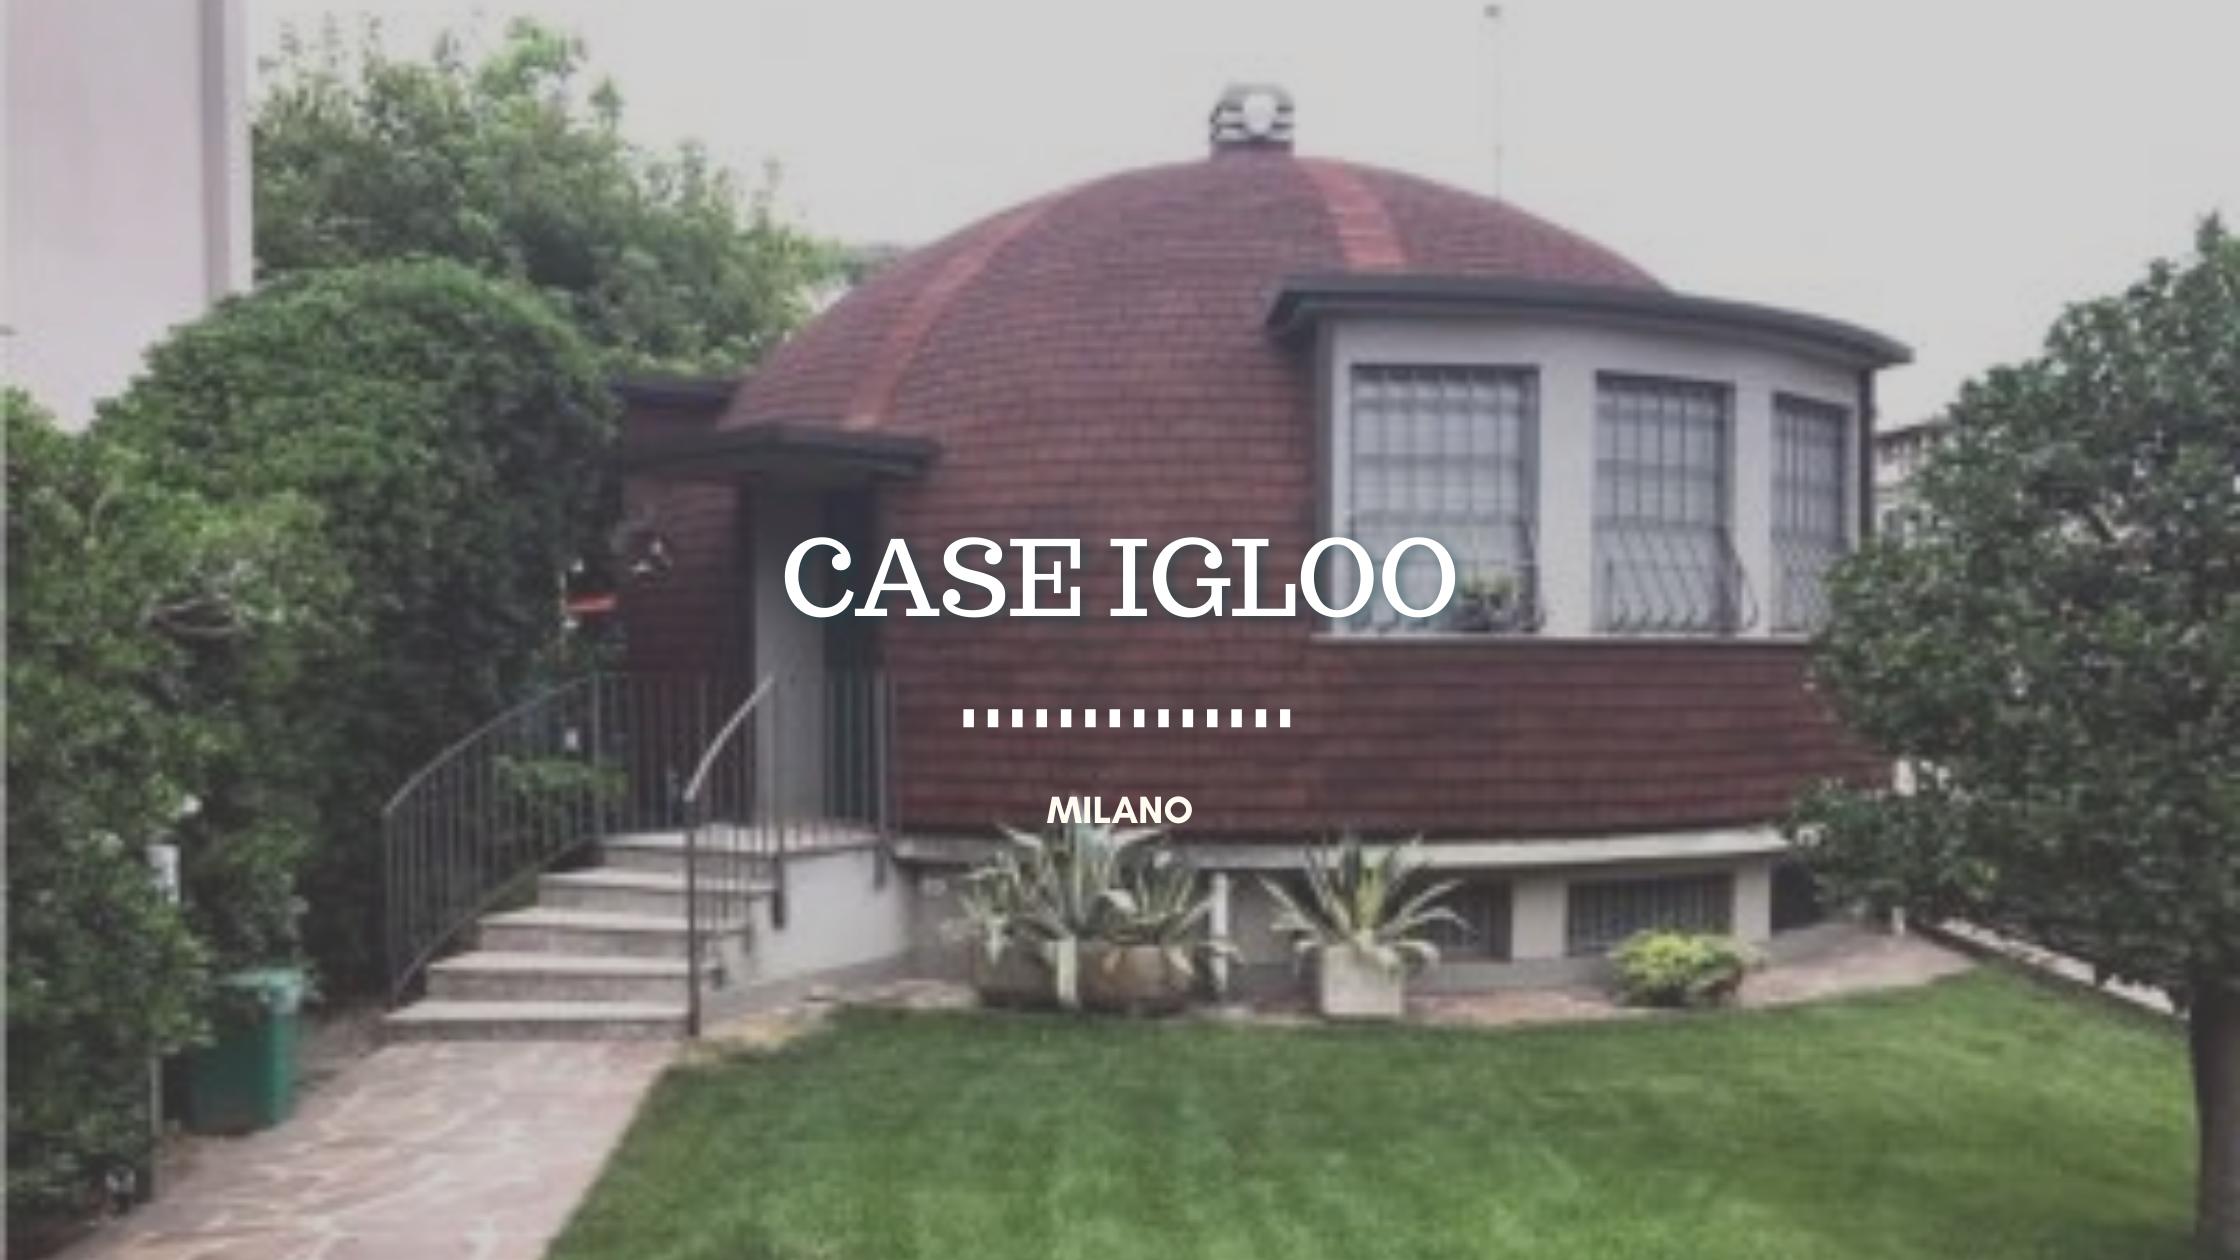 Case a Igloo, Milano e la sua architettura nascosta